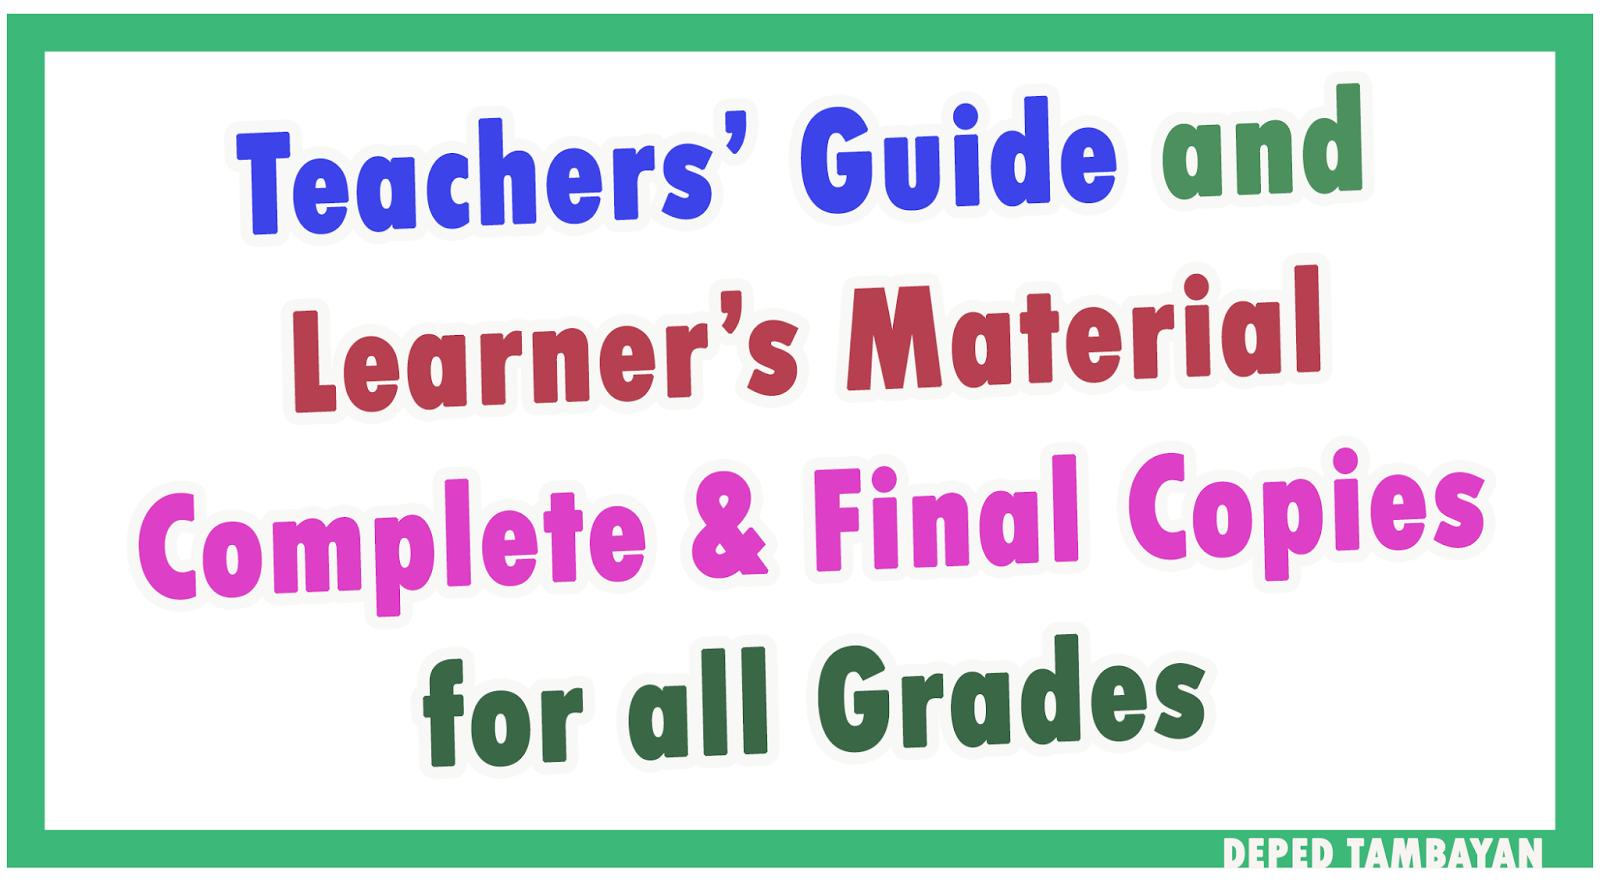 Download Complete Set of TG & LM for All Grades Download Set of K-12 ...